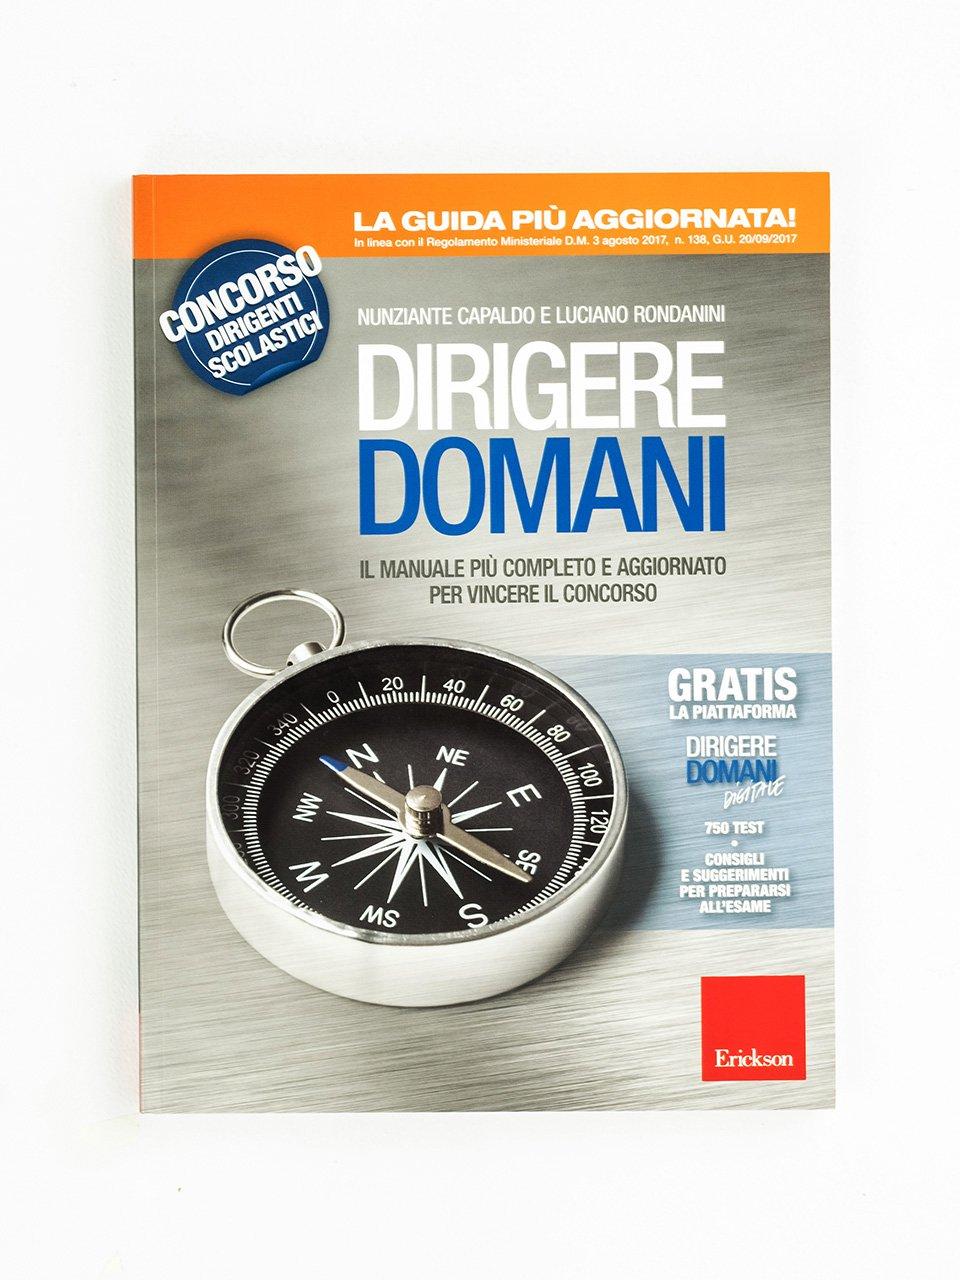 Dirigere domani - Luciano Rondanini - Erickson